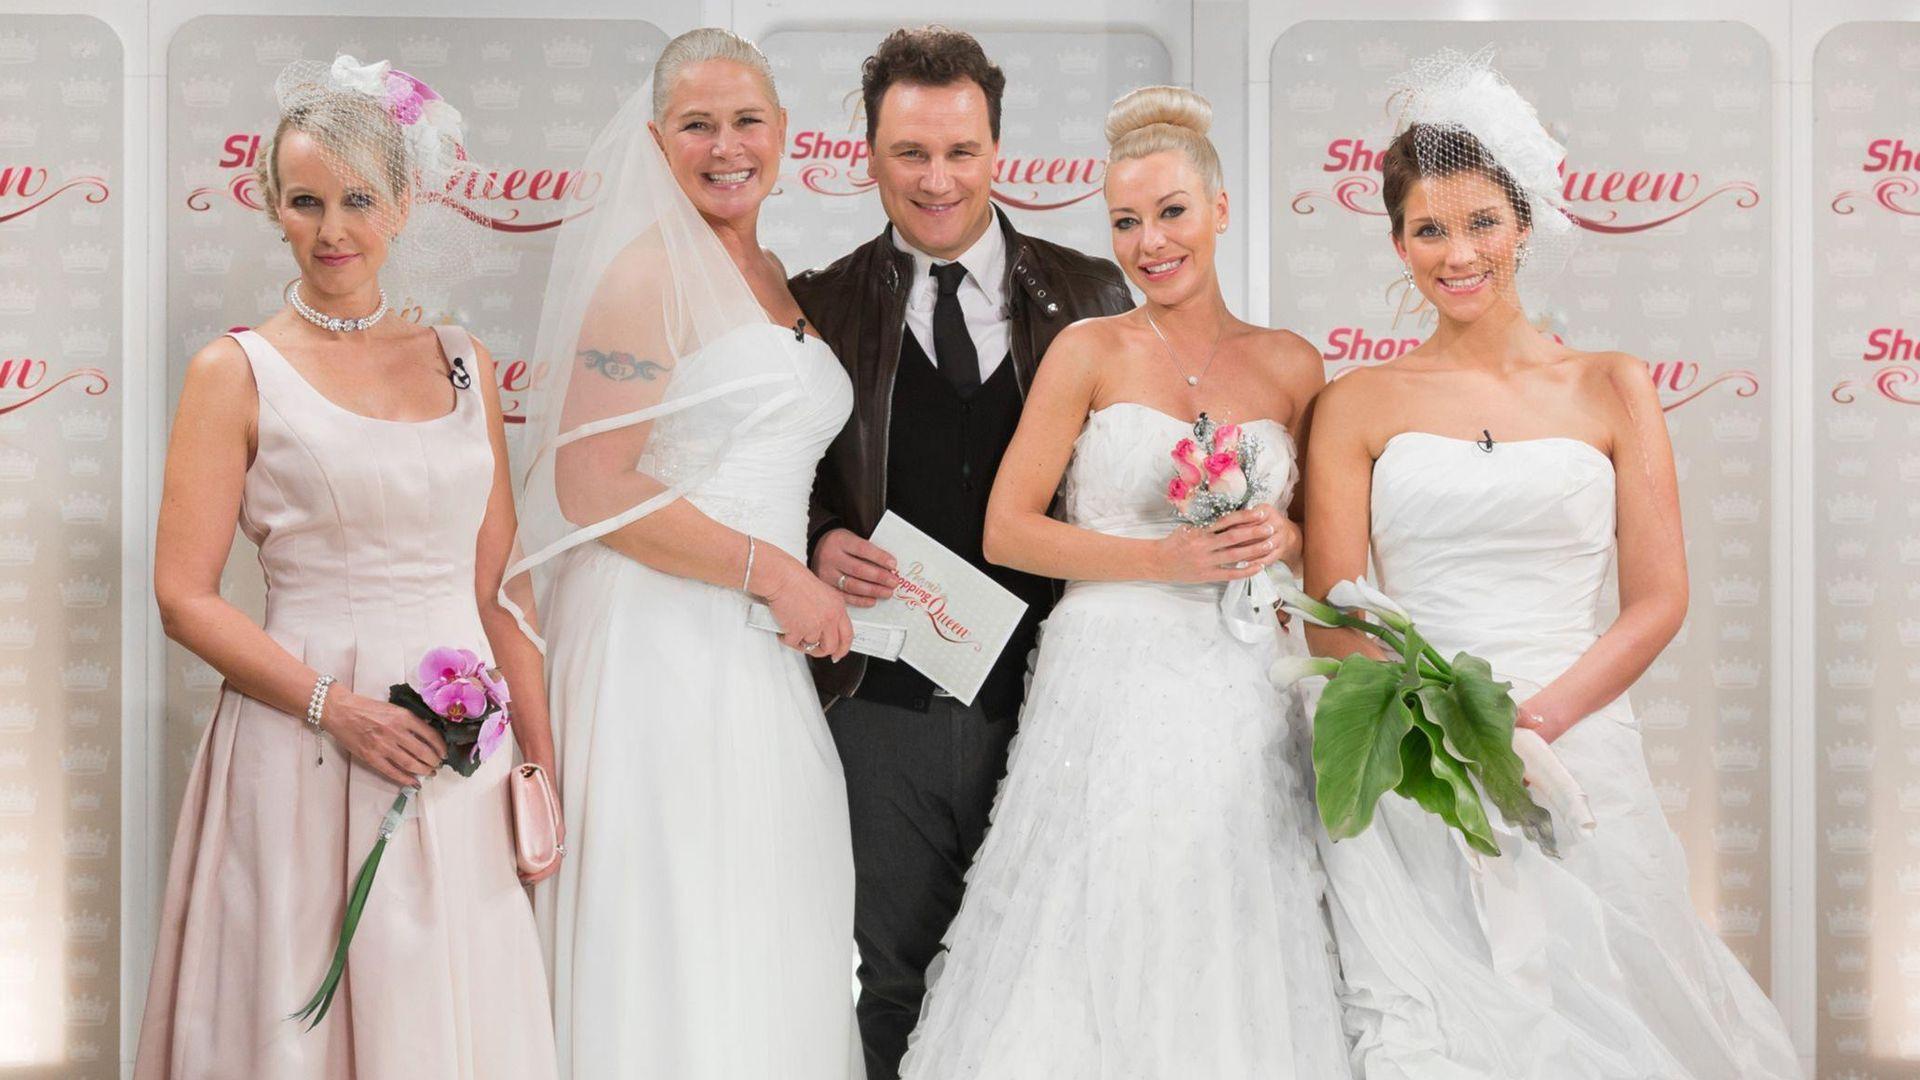 Promi Shopping Queen Wer War Die Schönste Braut